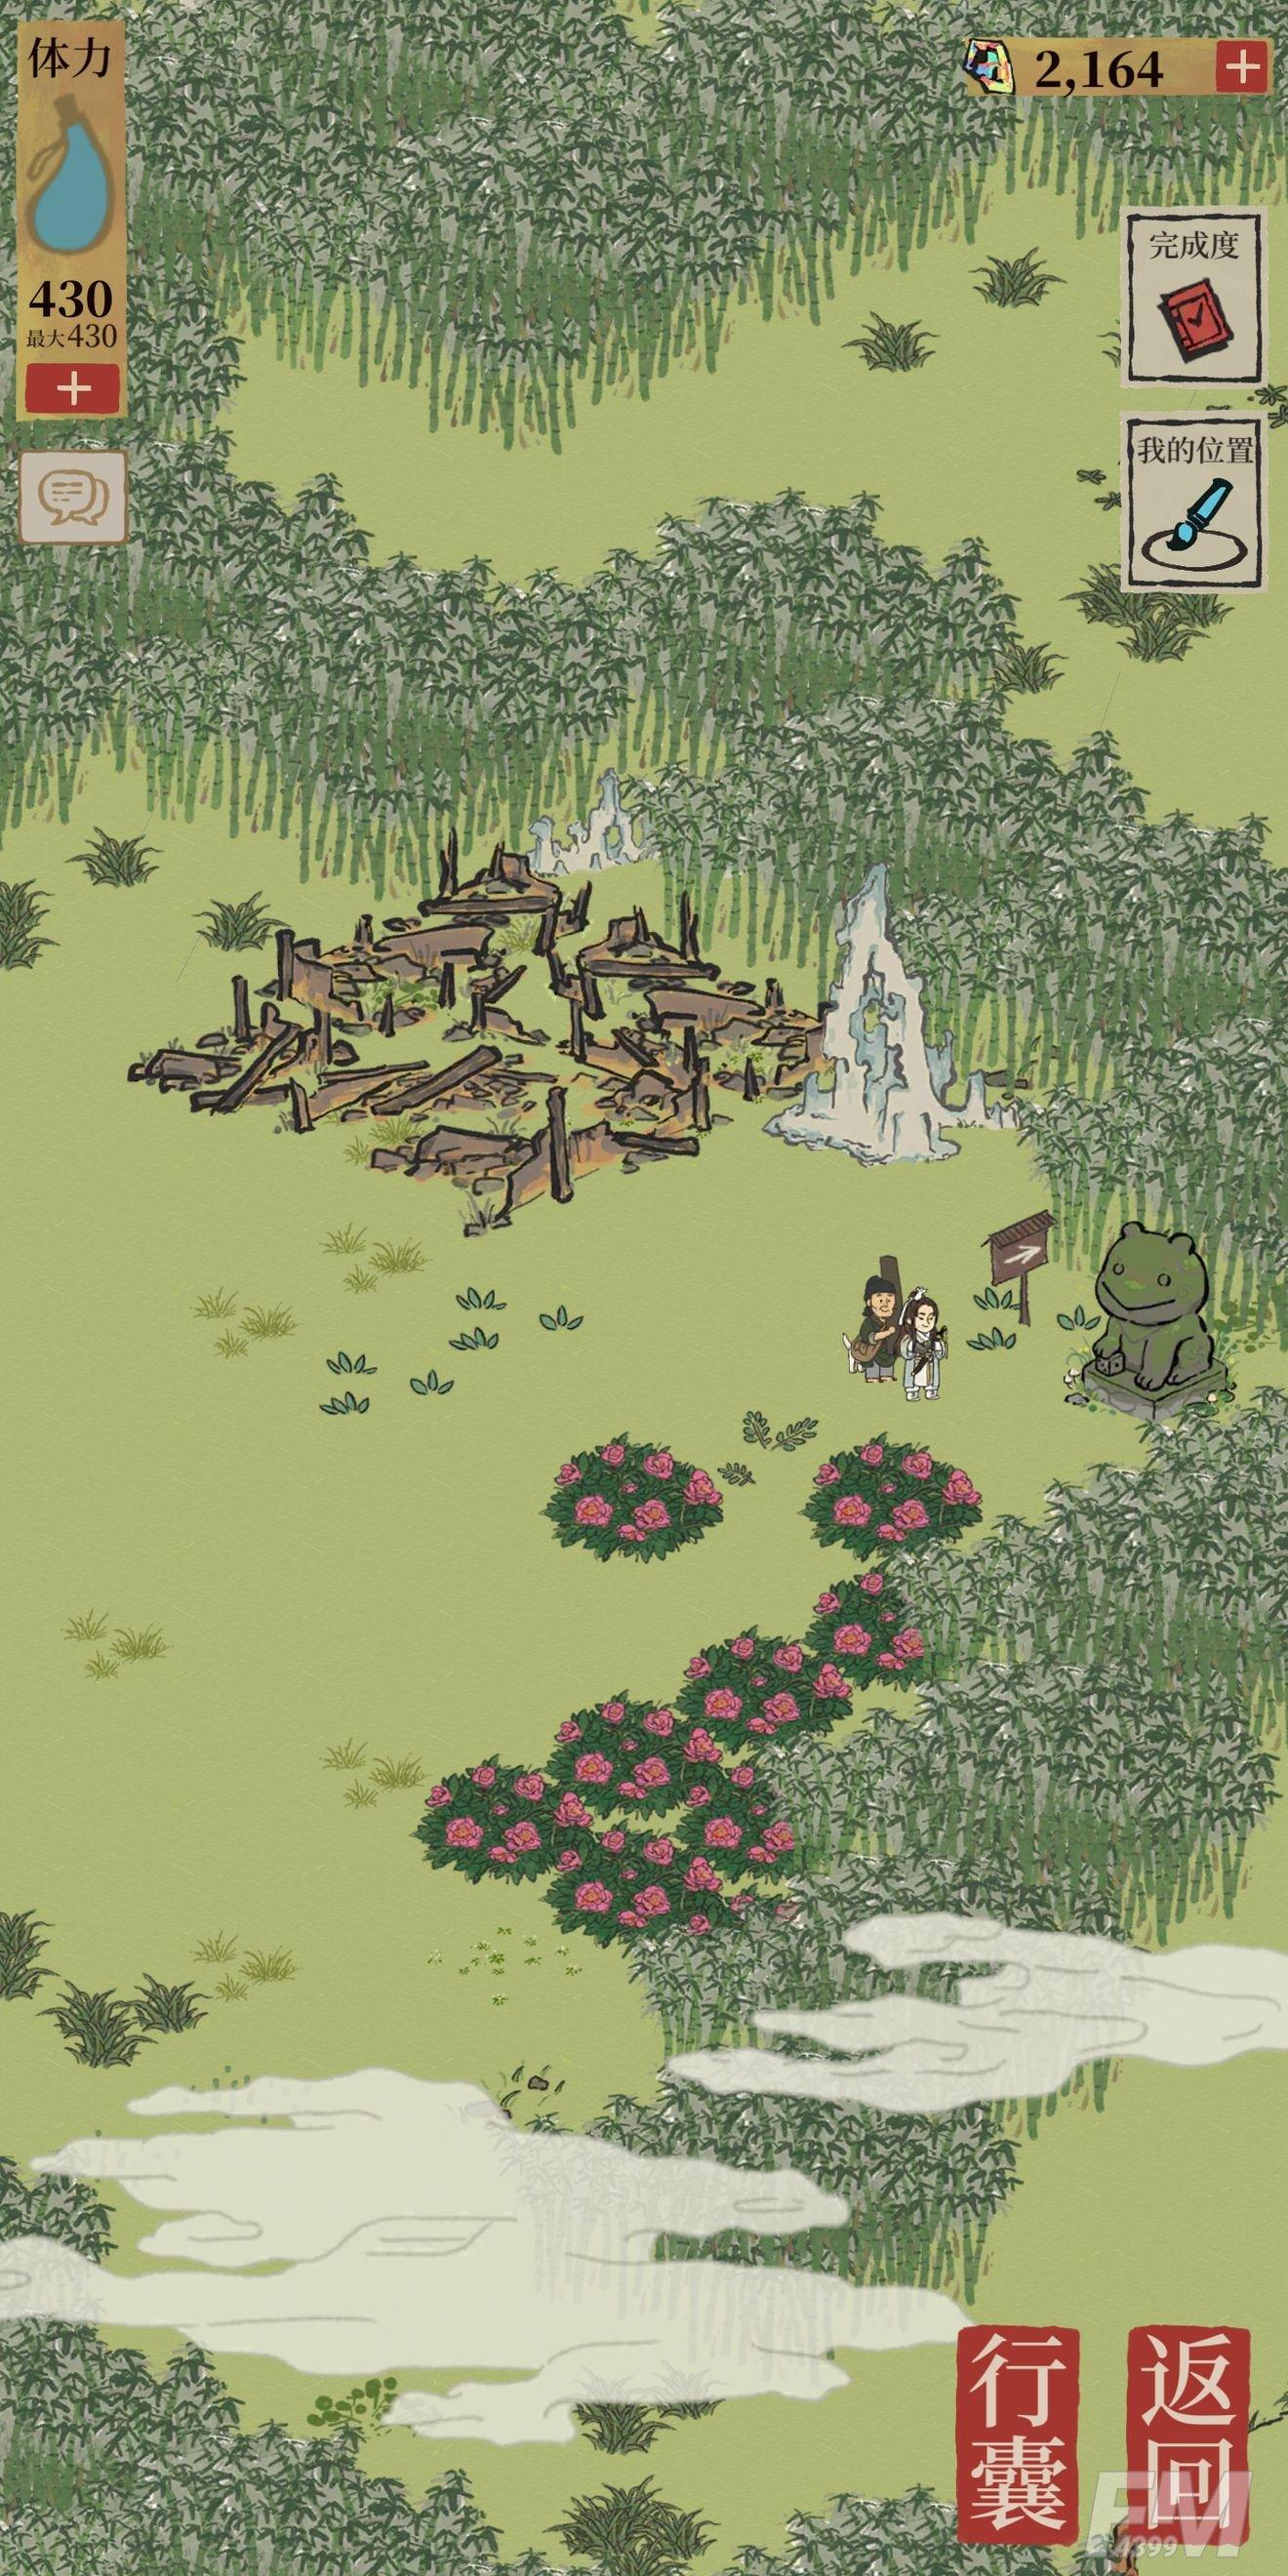 江南百景图竹林迷宫通关攻略:限时探险竹林迷宫路线走法一览[多图]图片3